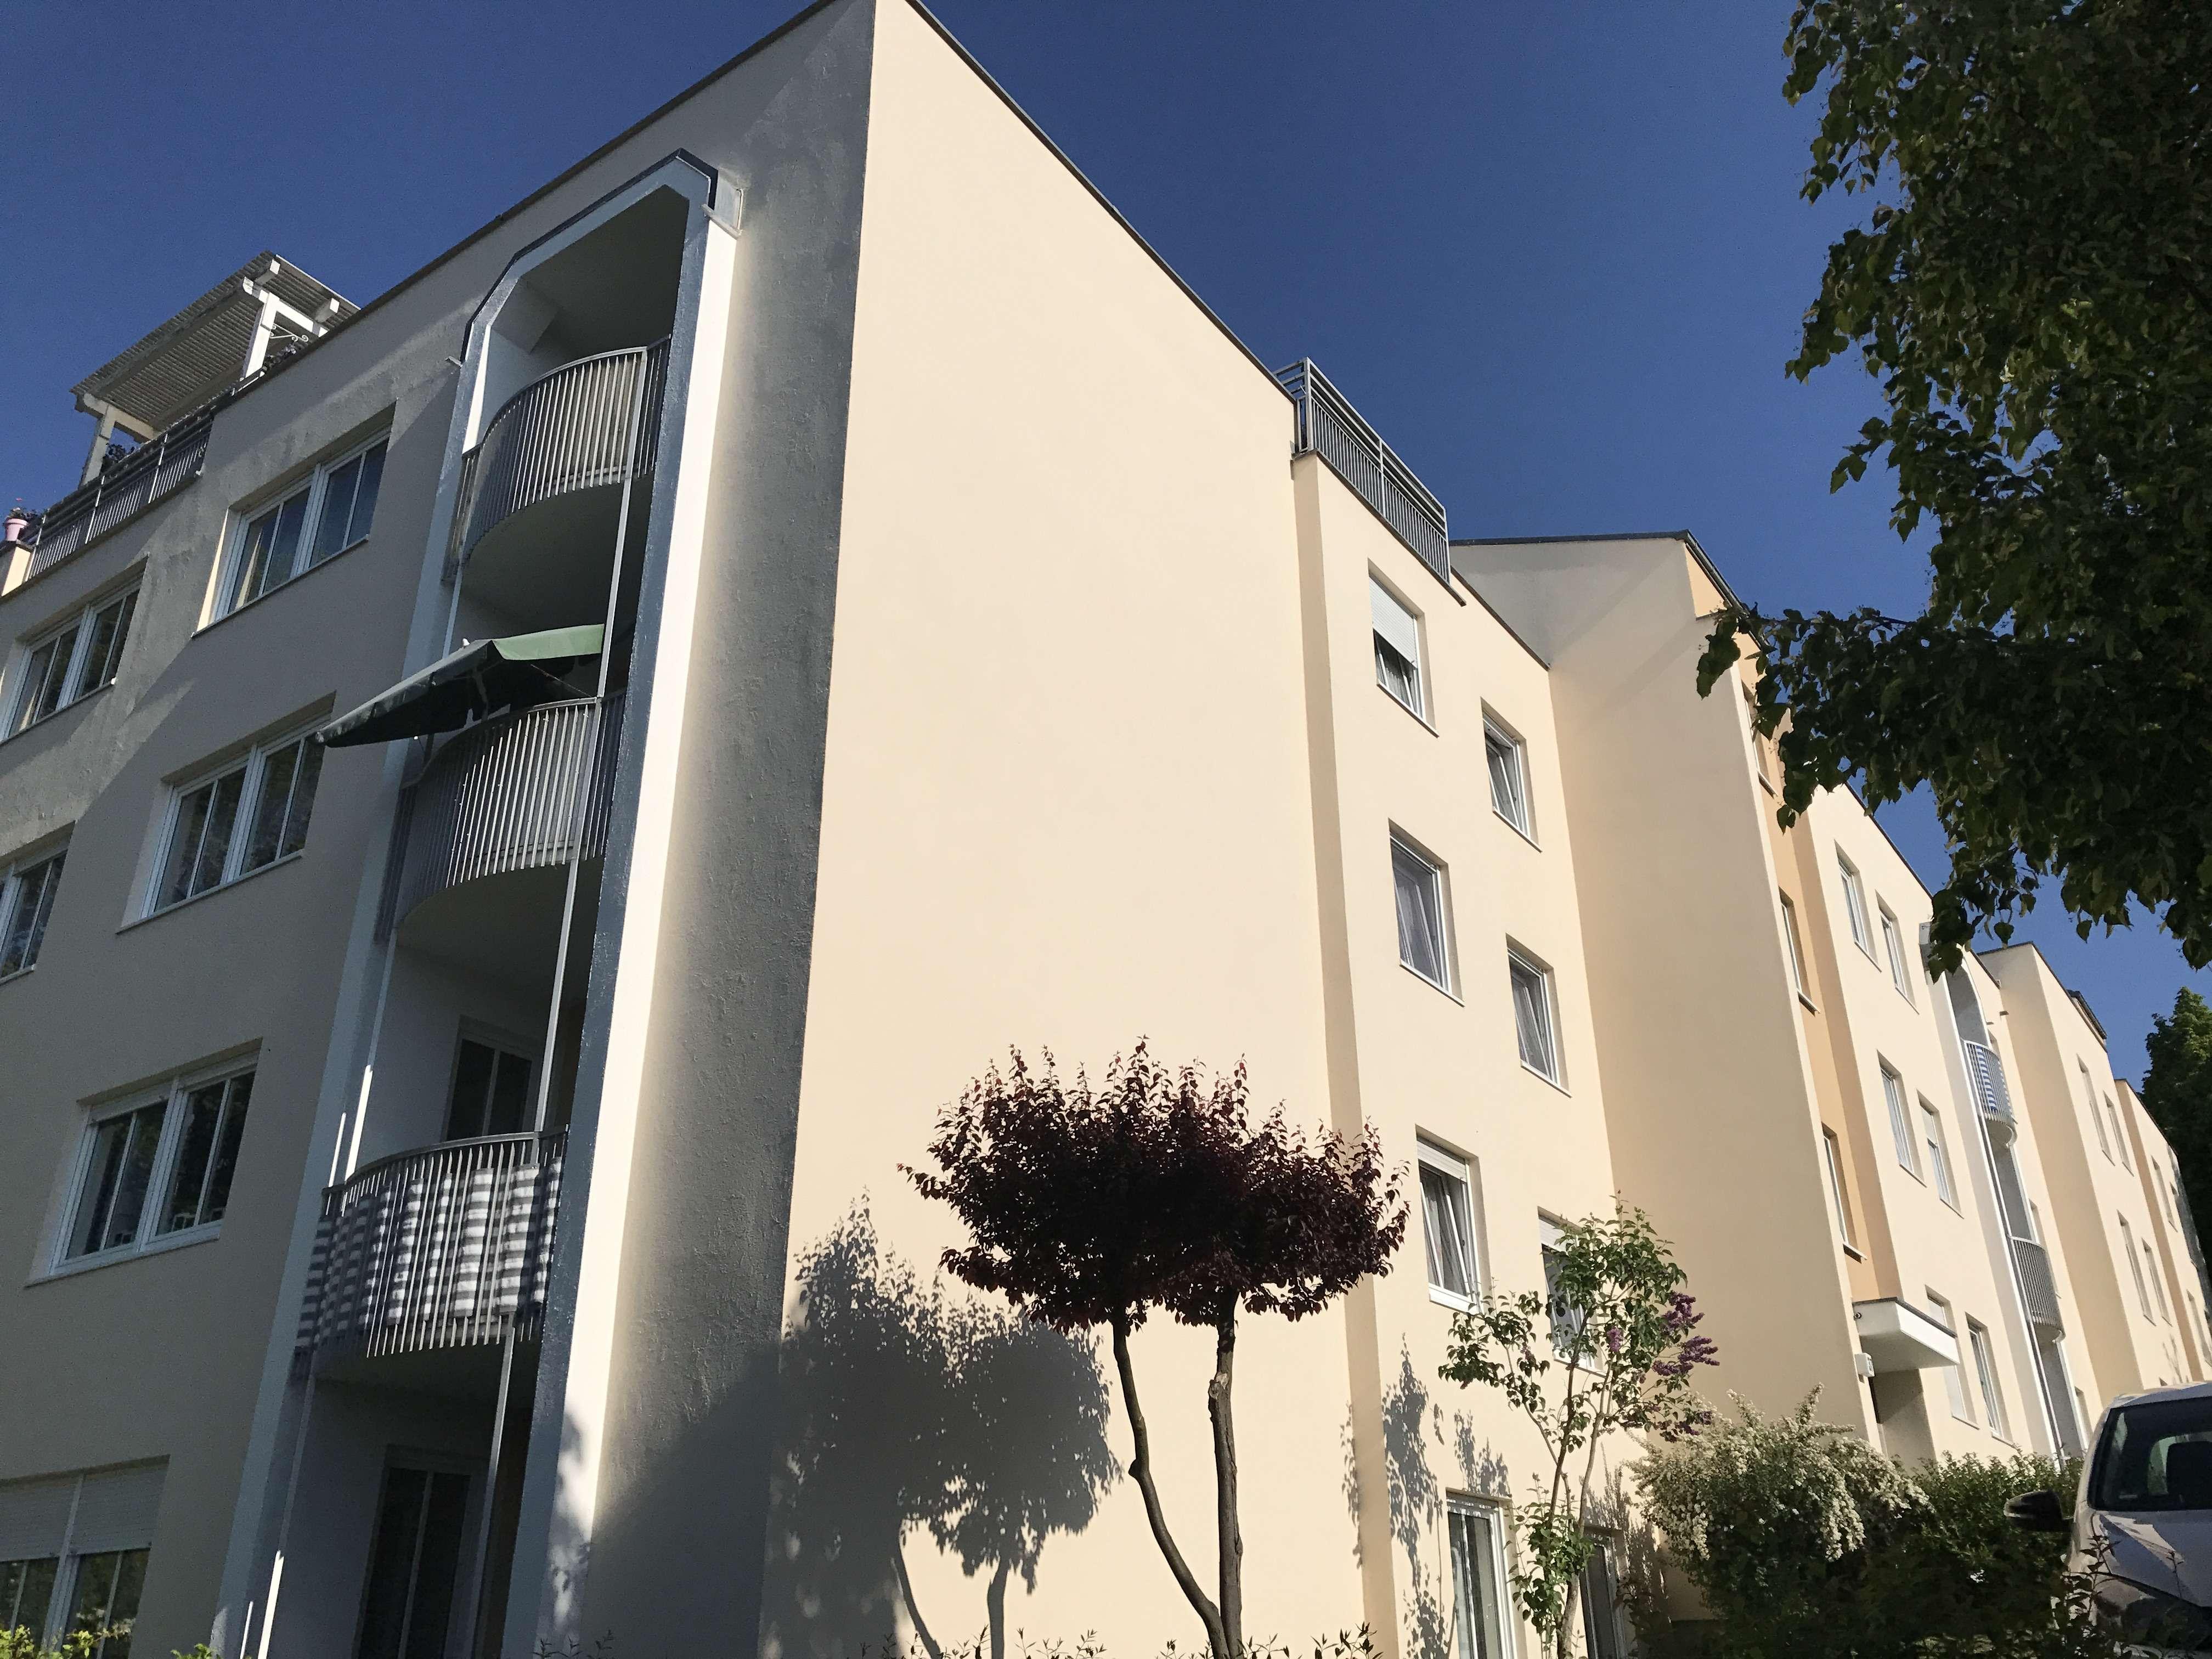 76 m² Wohlfühl-Oase mit Einbauküche /3 Zimmer Wohnung mit Balkon in bester Lage von Hof in Hof-Innenstadt